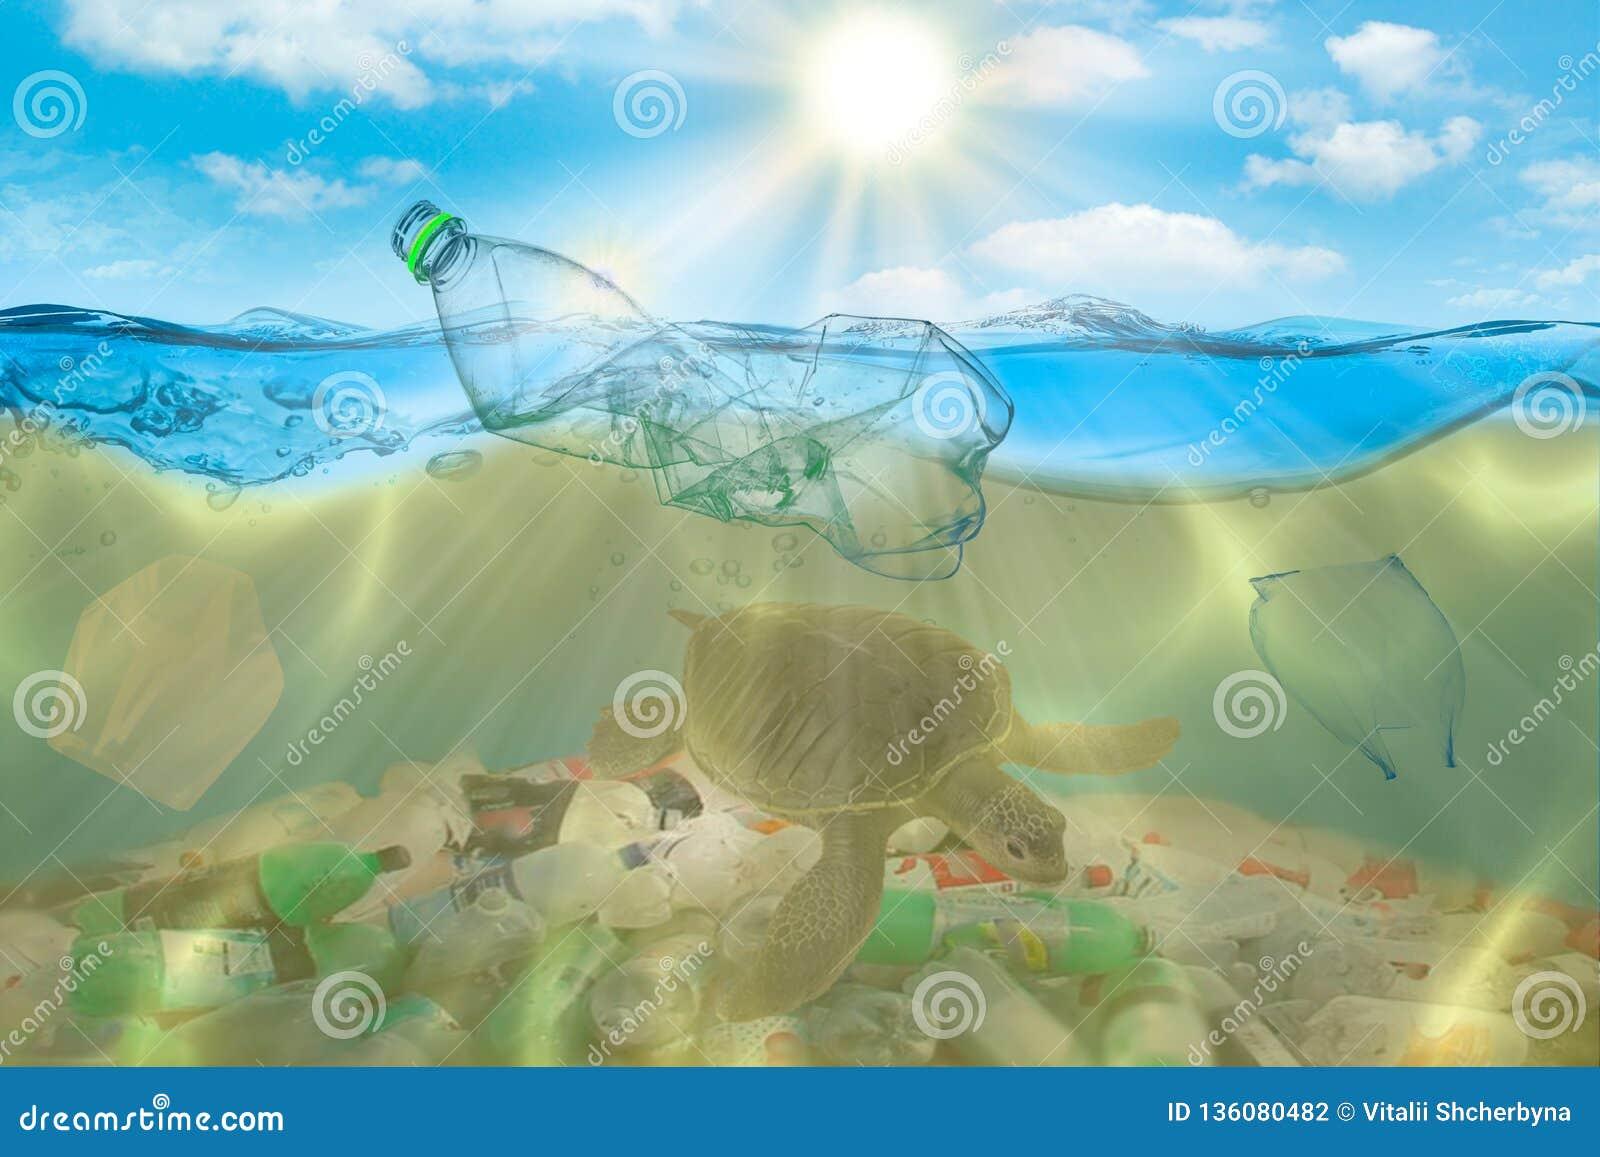 Poluição plástica no problema ambiental do oceano As tartarugas podem comer os sacos de plástico que confundem os por medusa conc